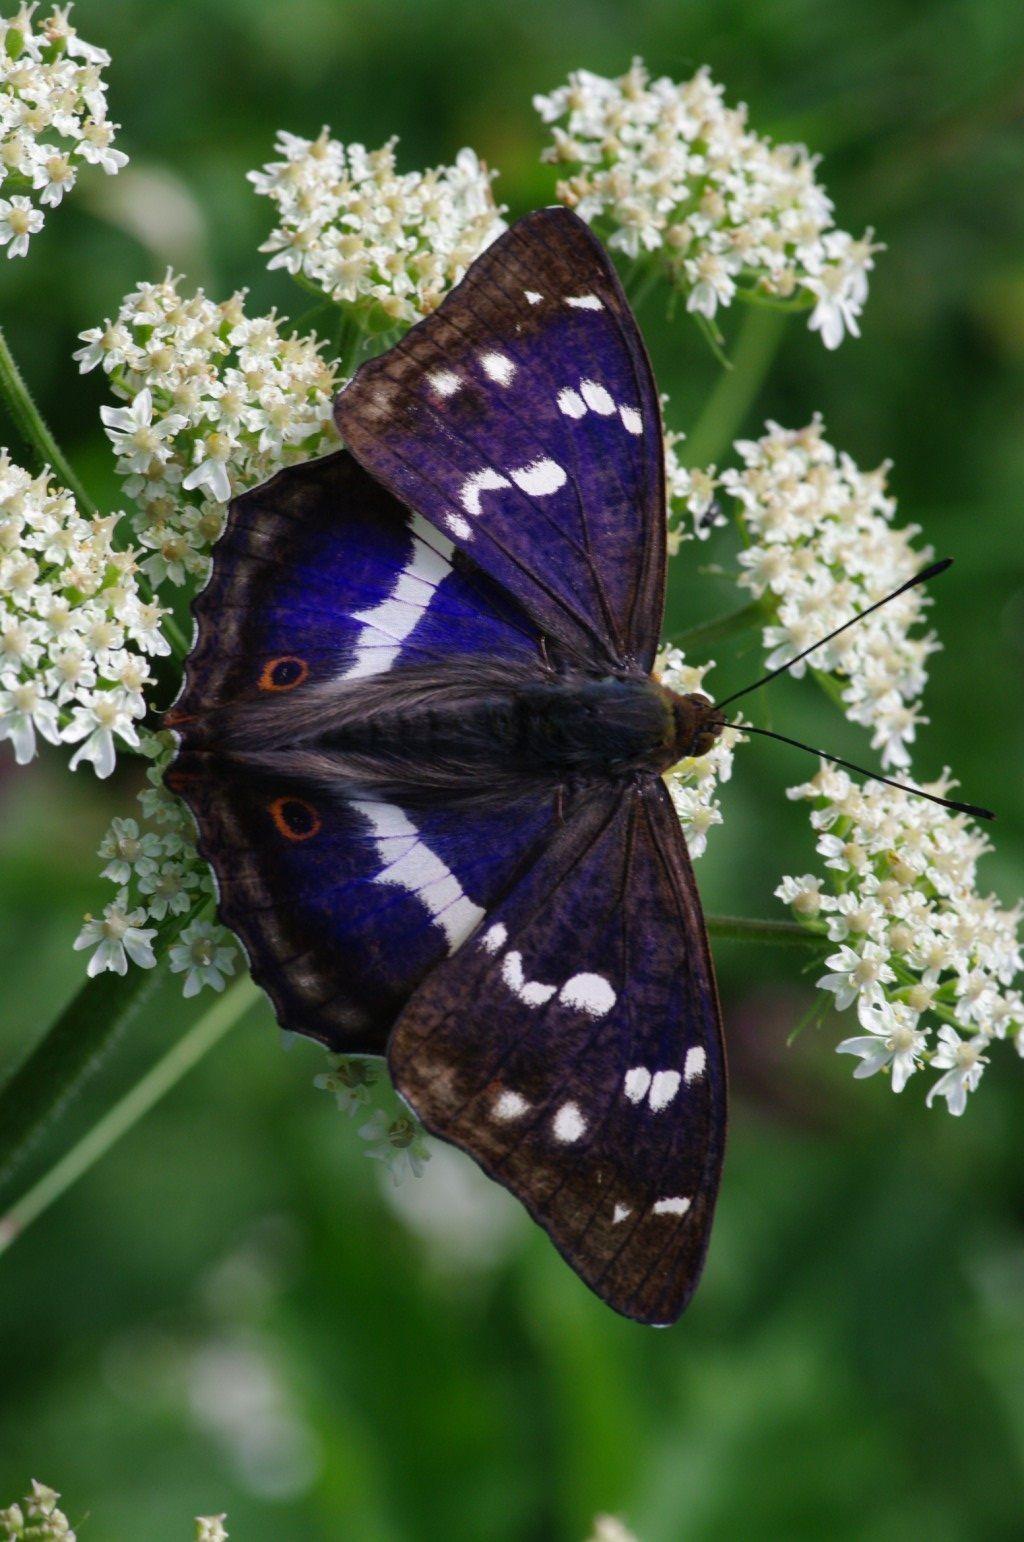 Male Purple Emperor Butterfly (Apatura iris). Butterfly